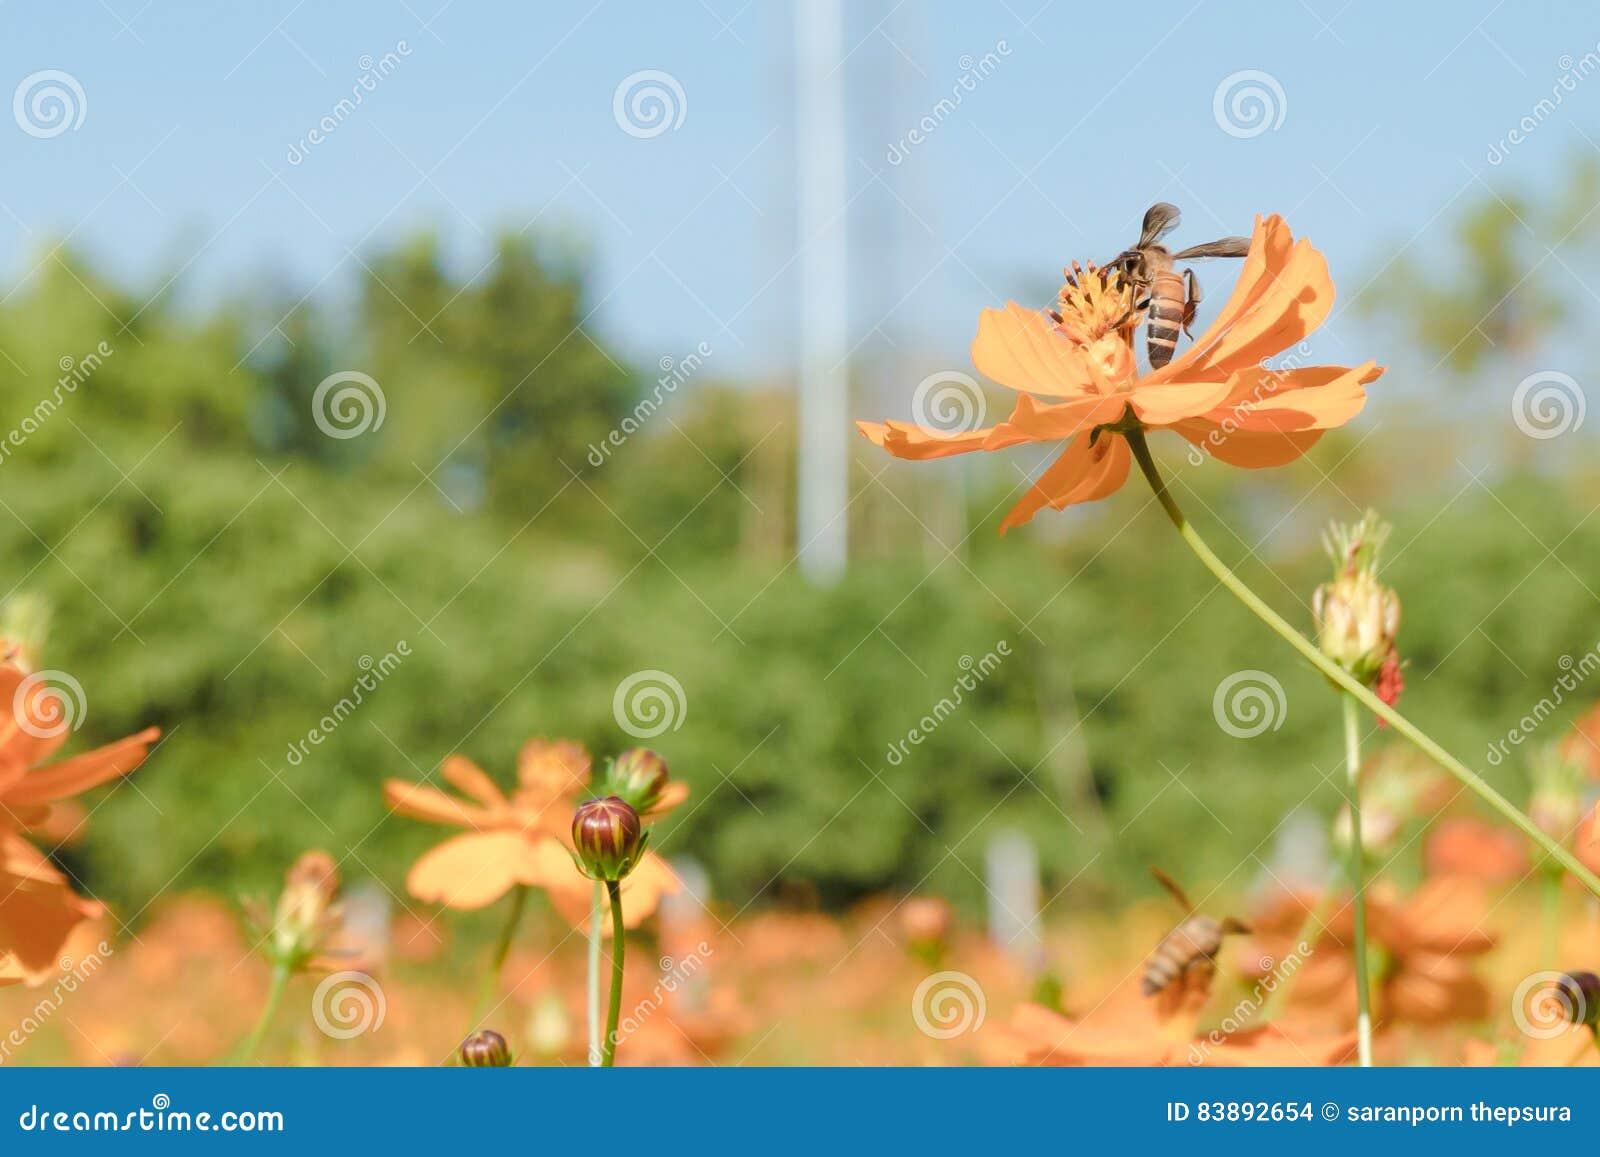 Proceskleur, Bij in bloem het verbazen, honingbij van orang-oetan wordt bestoven die